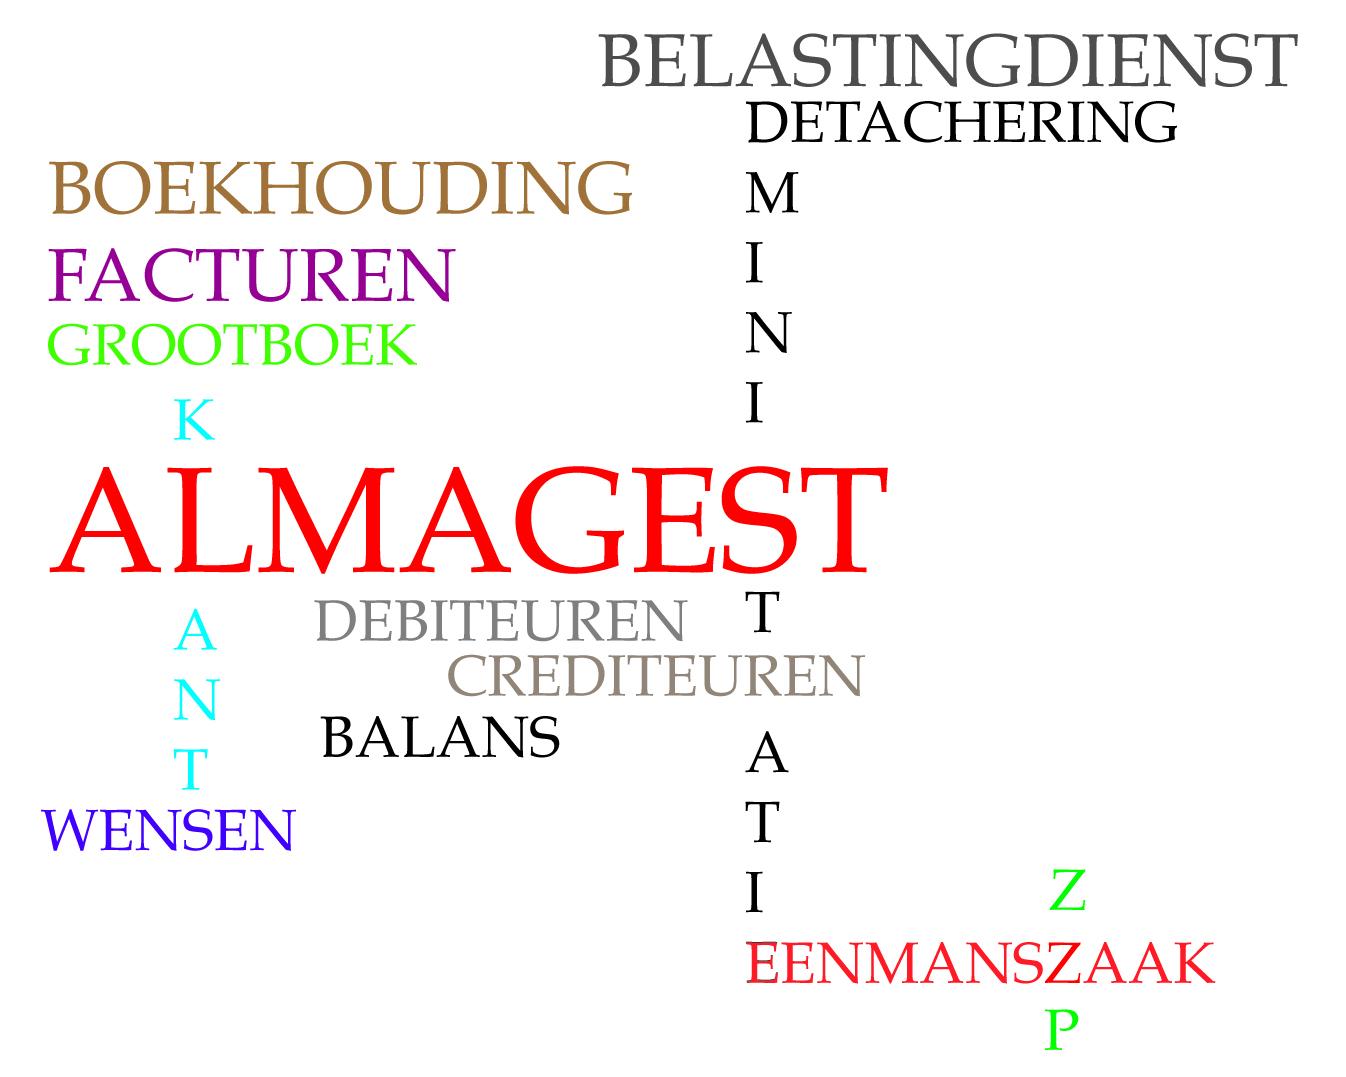 Almagest, hét administratiekantoor voor midden– en kleinbedrijf